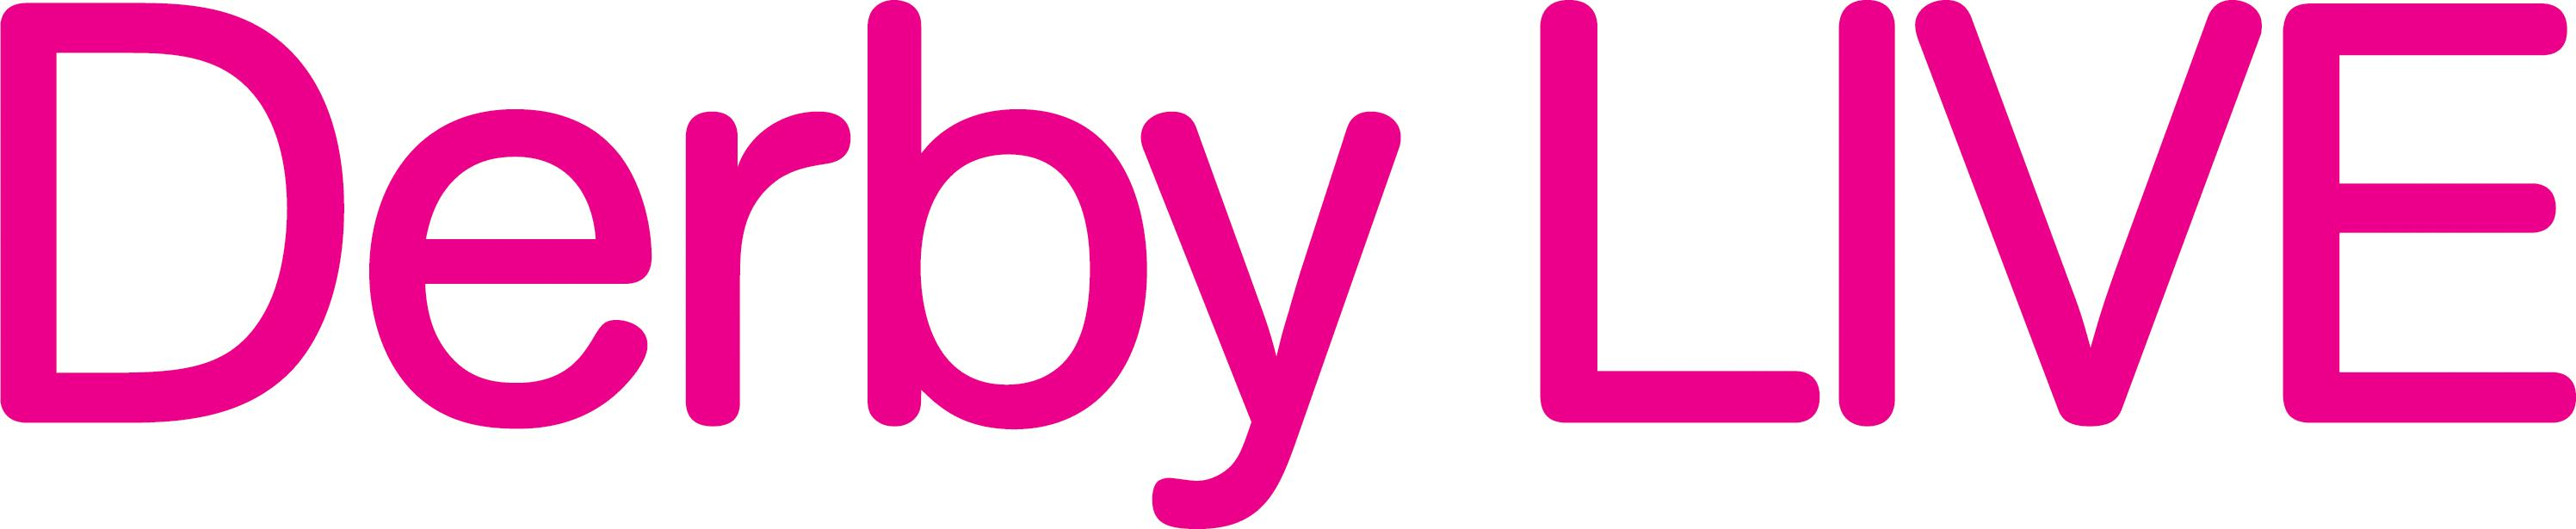 Derby LIVE logo